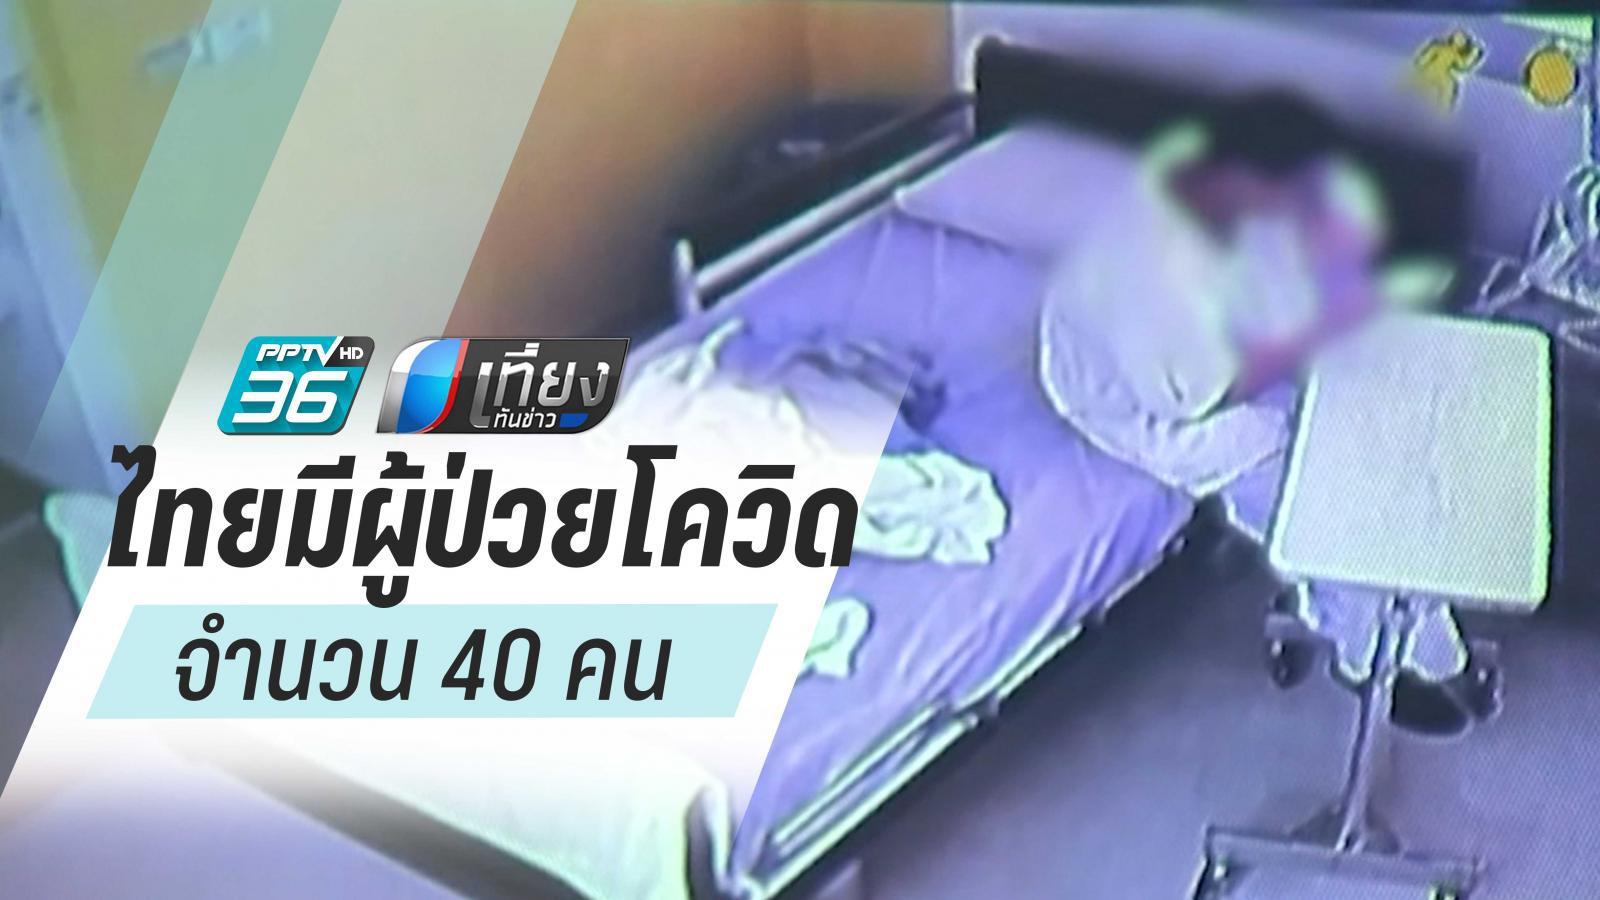 องค์การอนามัยโลกประจำประเทศไทย เผยจำนวนผู้ป่วยโควิด-19